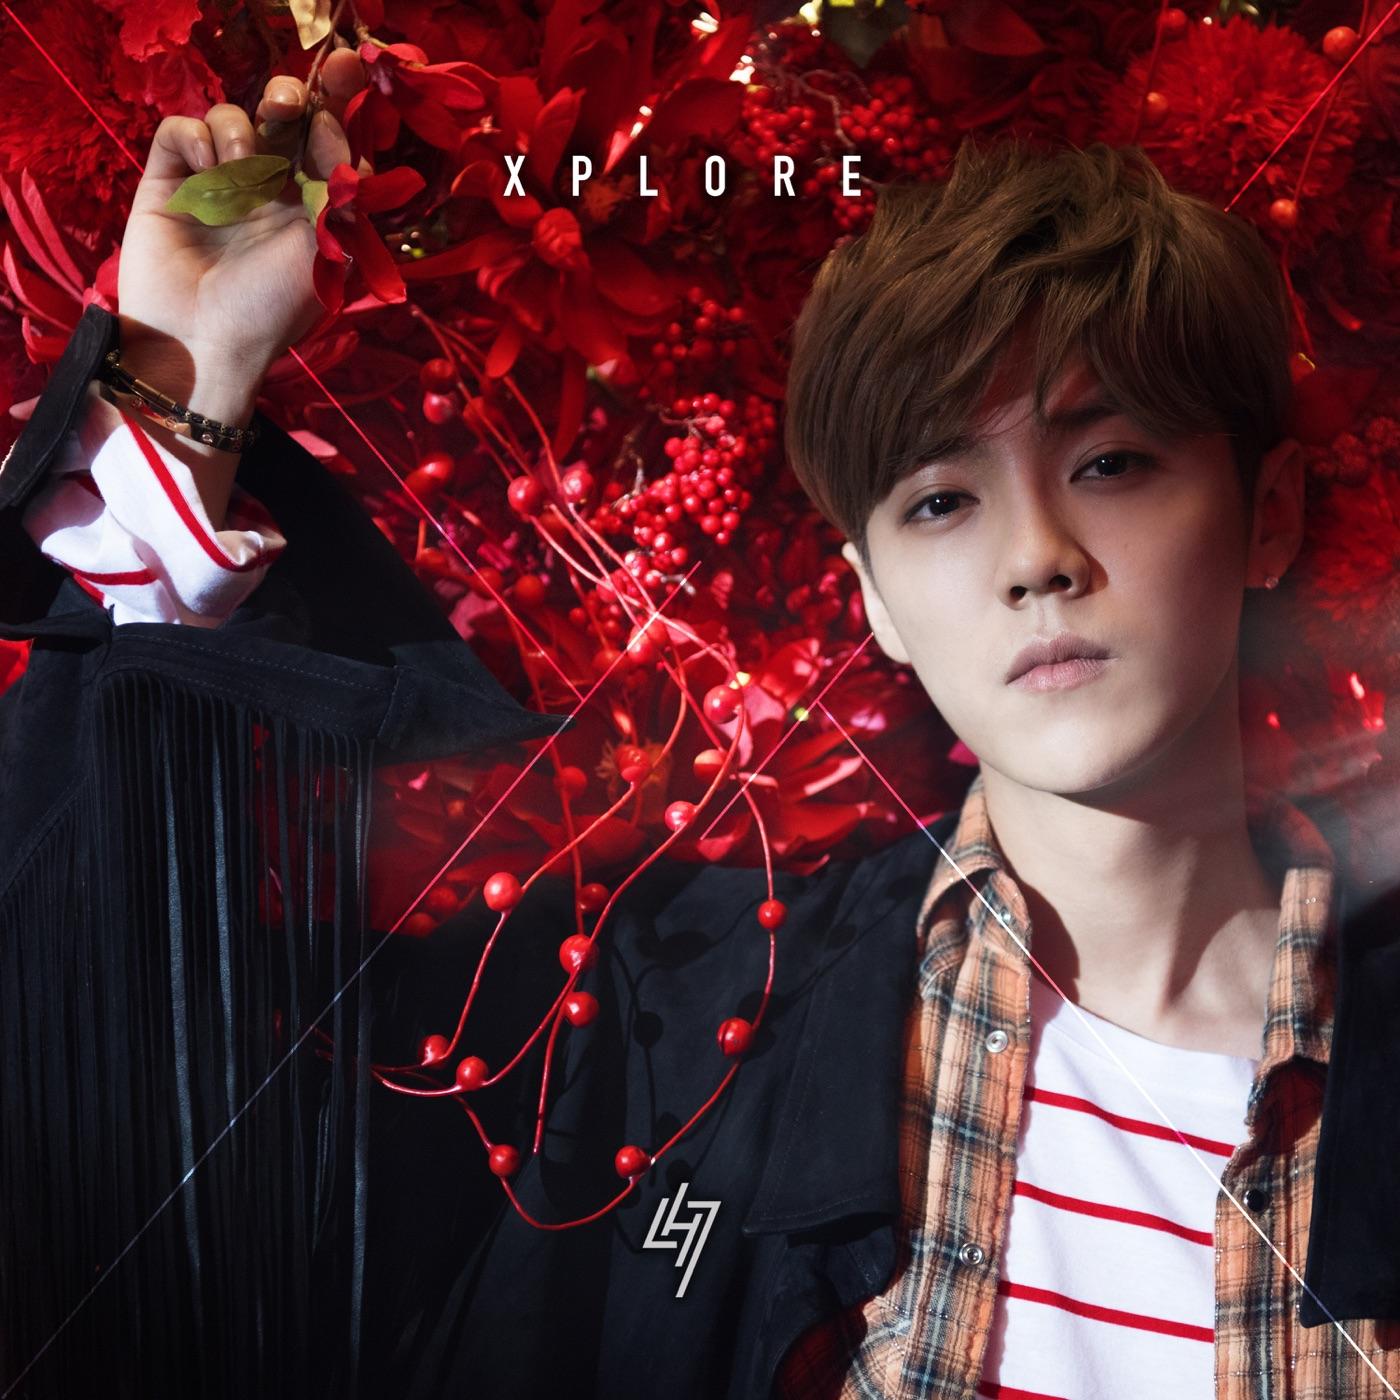 鹿晗 - Xplore - Single